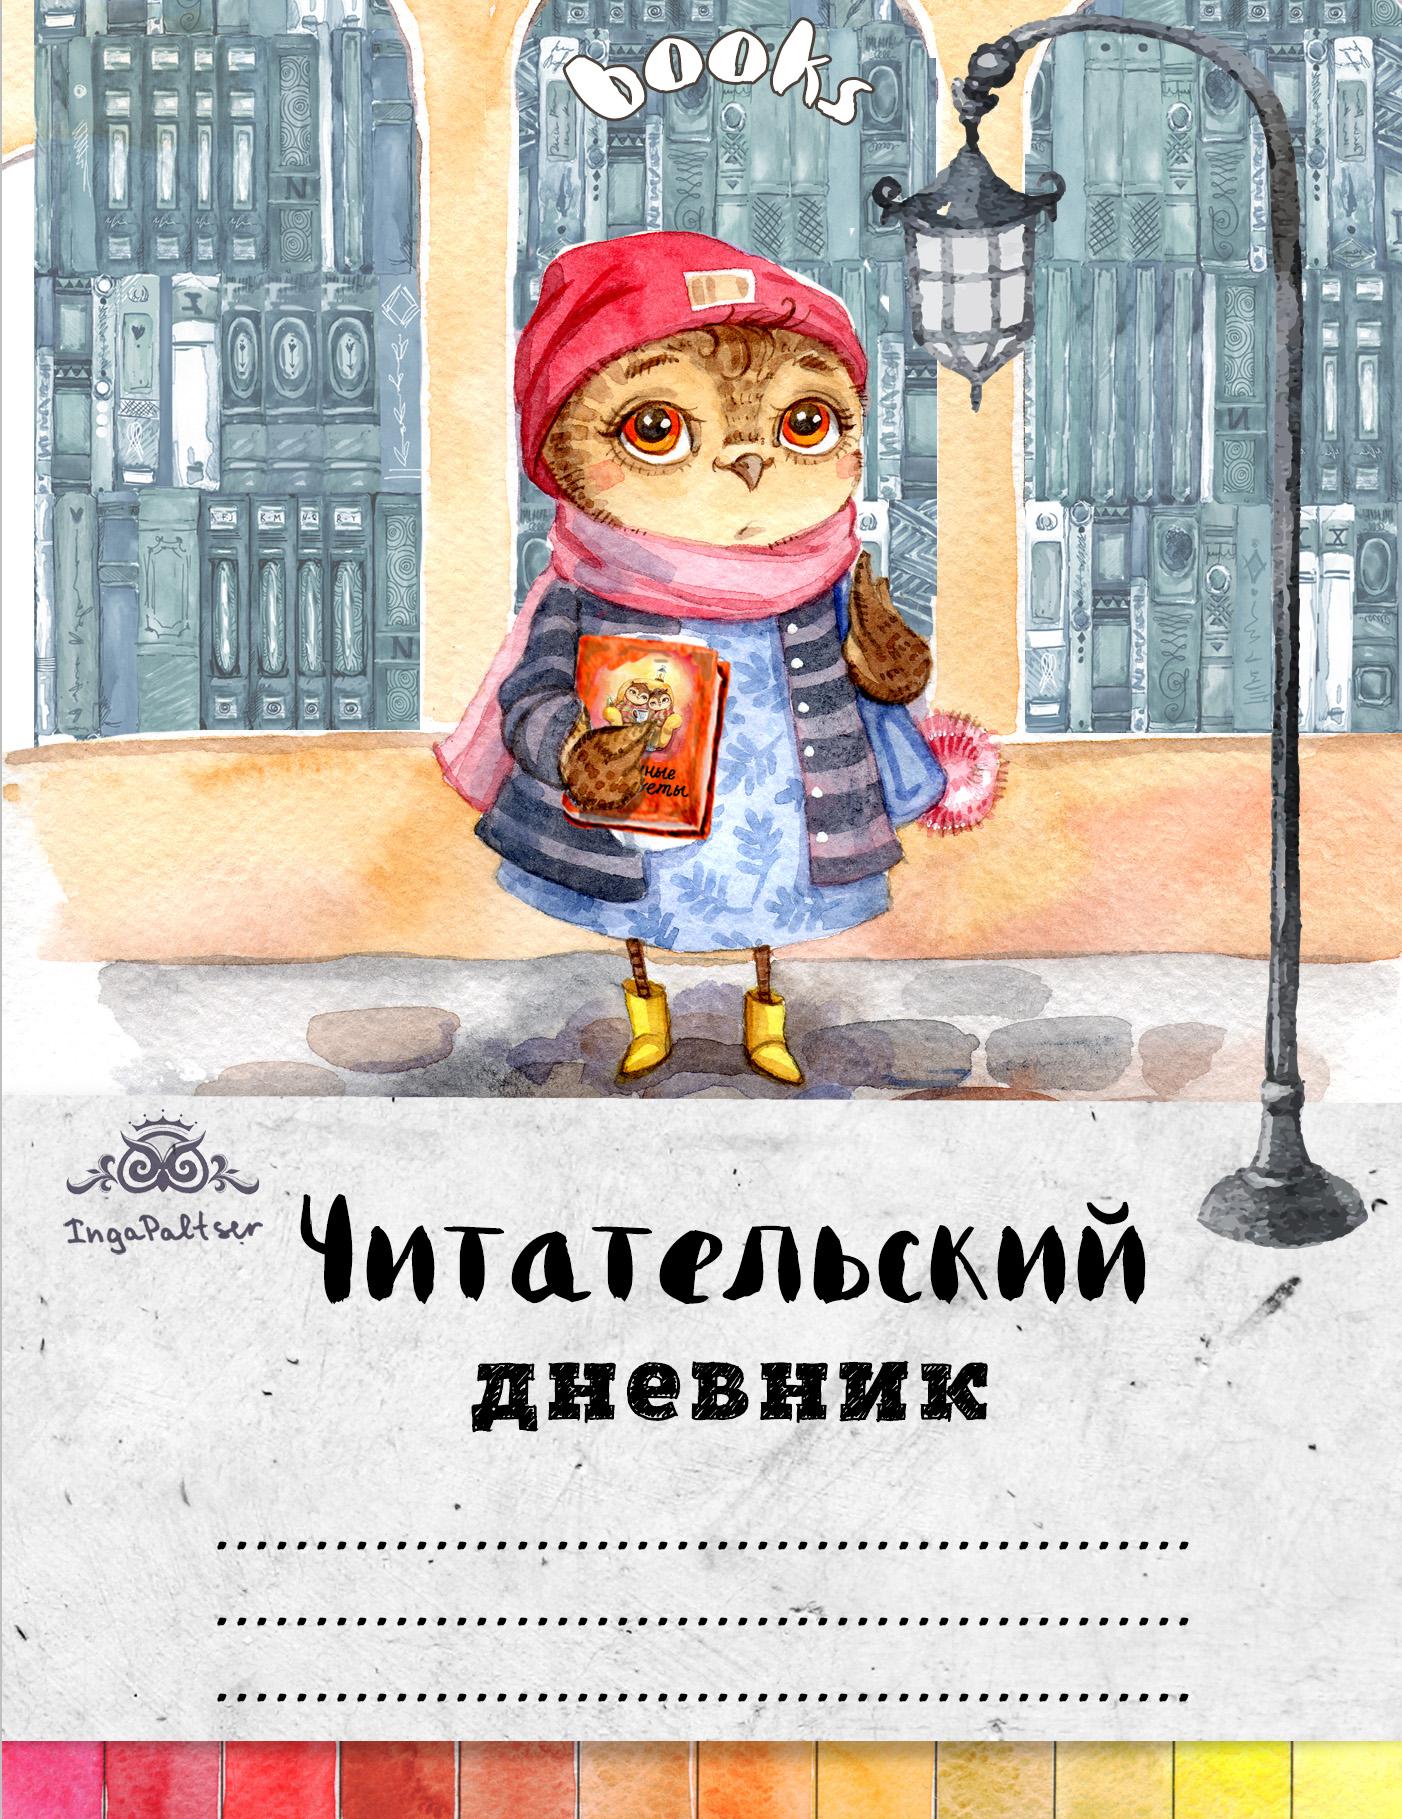 Читательский дневник. Сова с любимой книжкой читательский дневник совы вечернее чтение